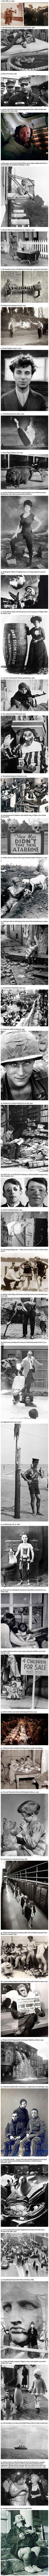 Shocking photos